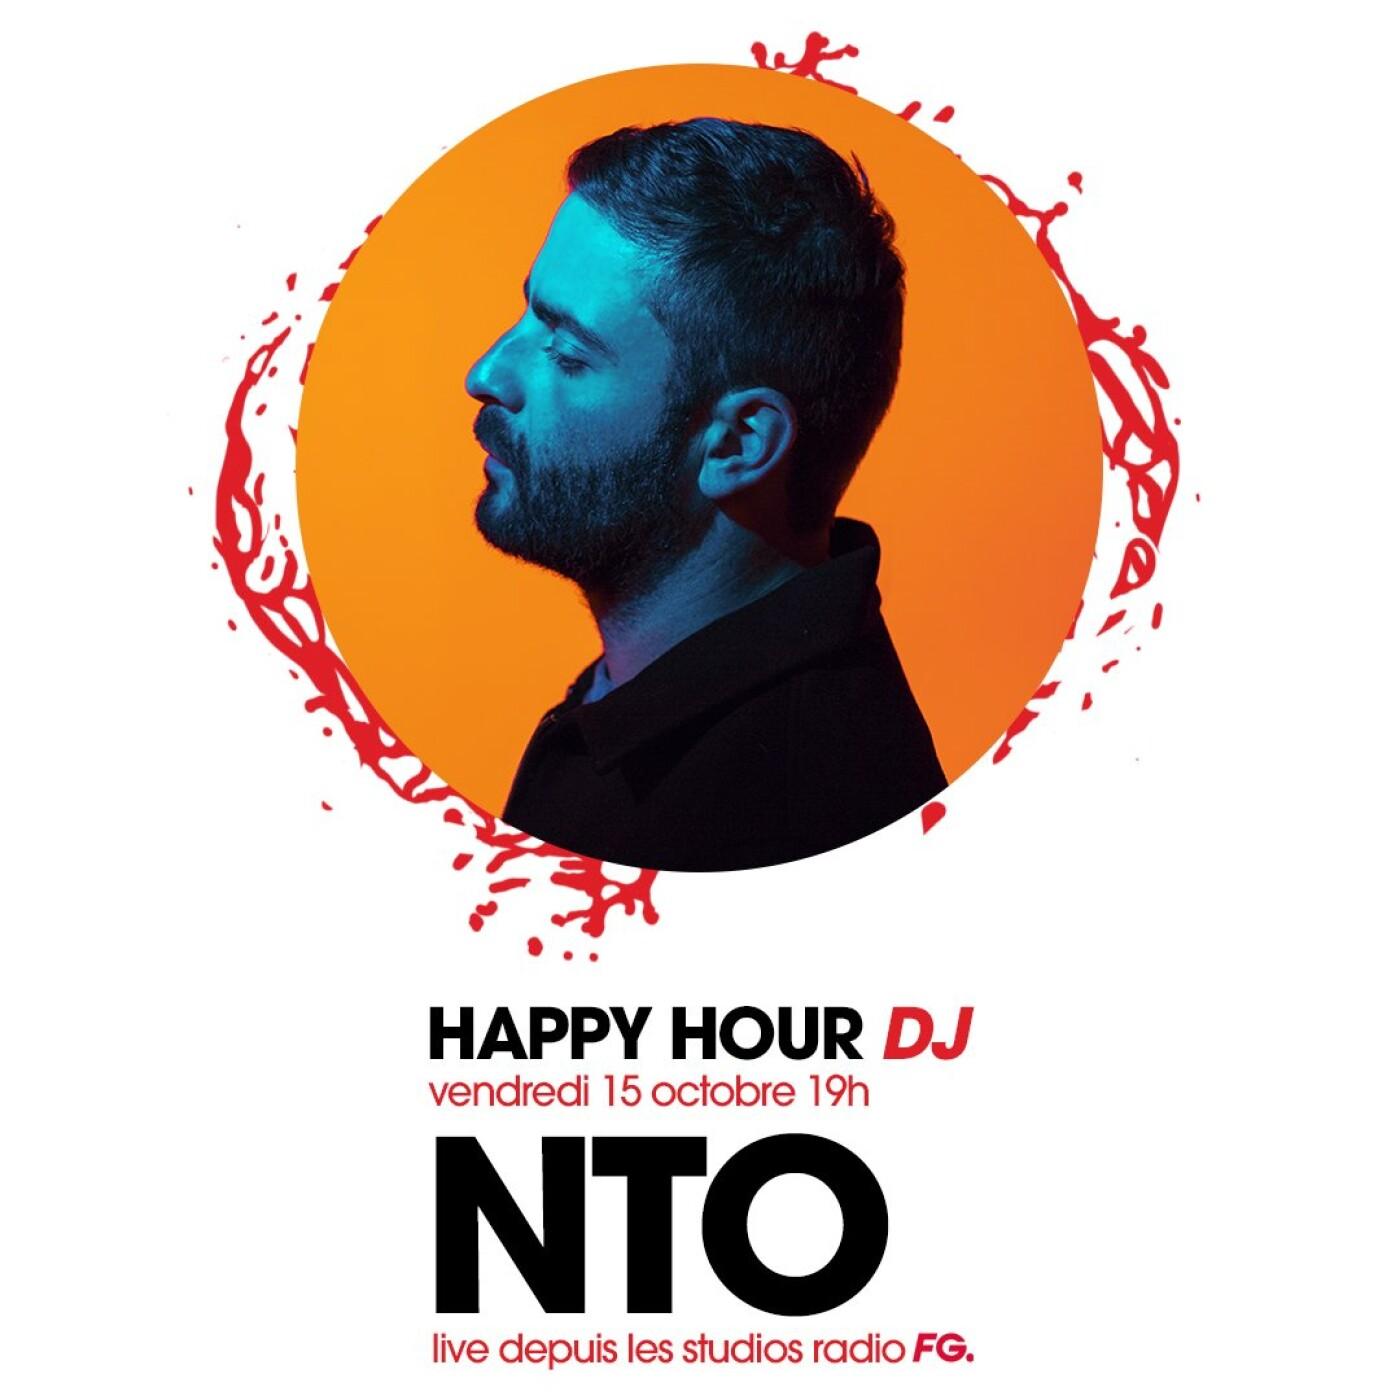 HAPPY HOUR DJ : NTO